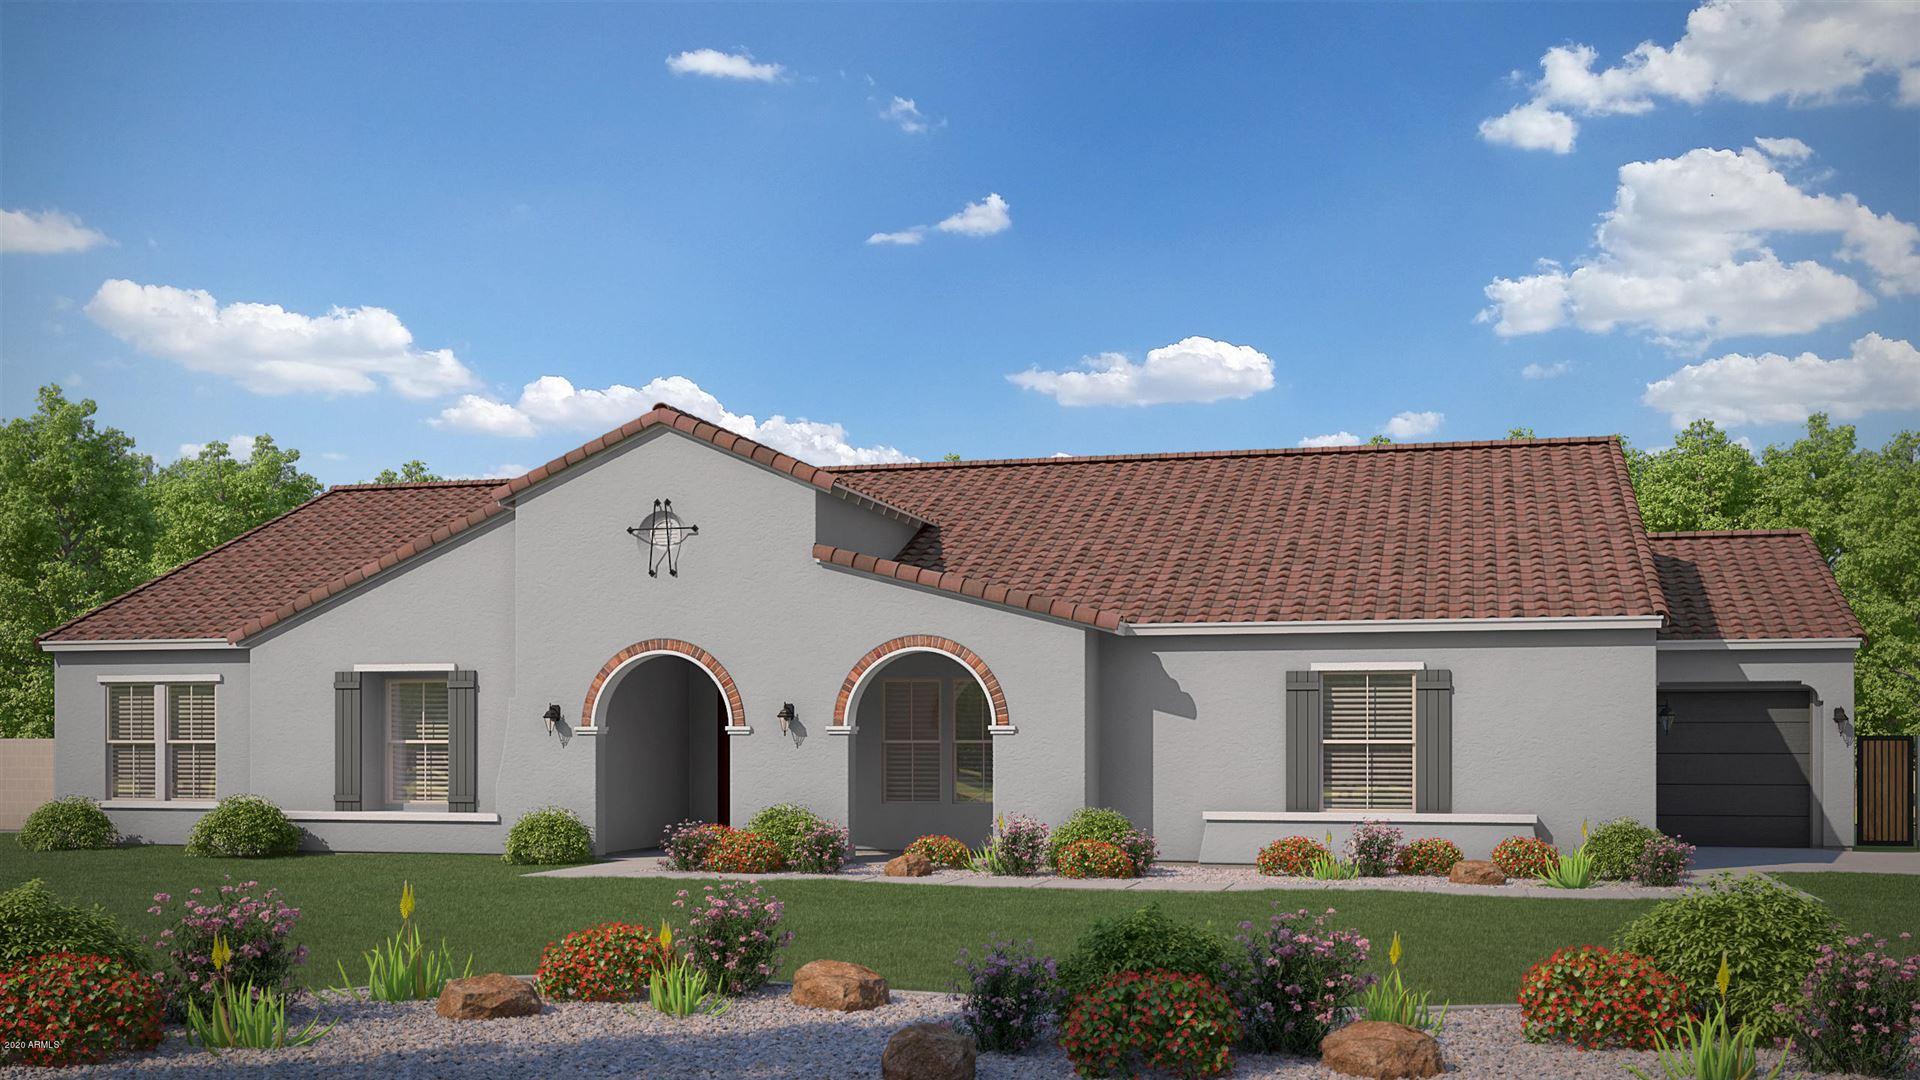 13017 W MARLETTE Avenue, Litchfield Park, AZ 85340 - #: 6070176